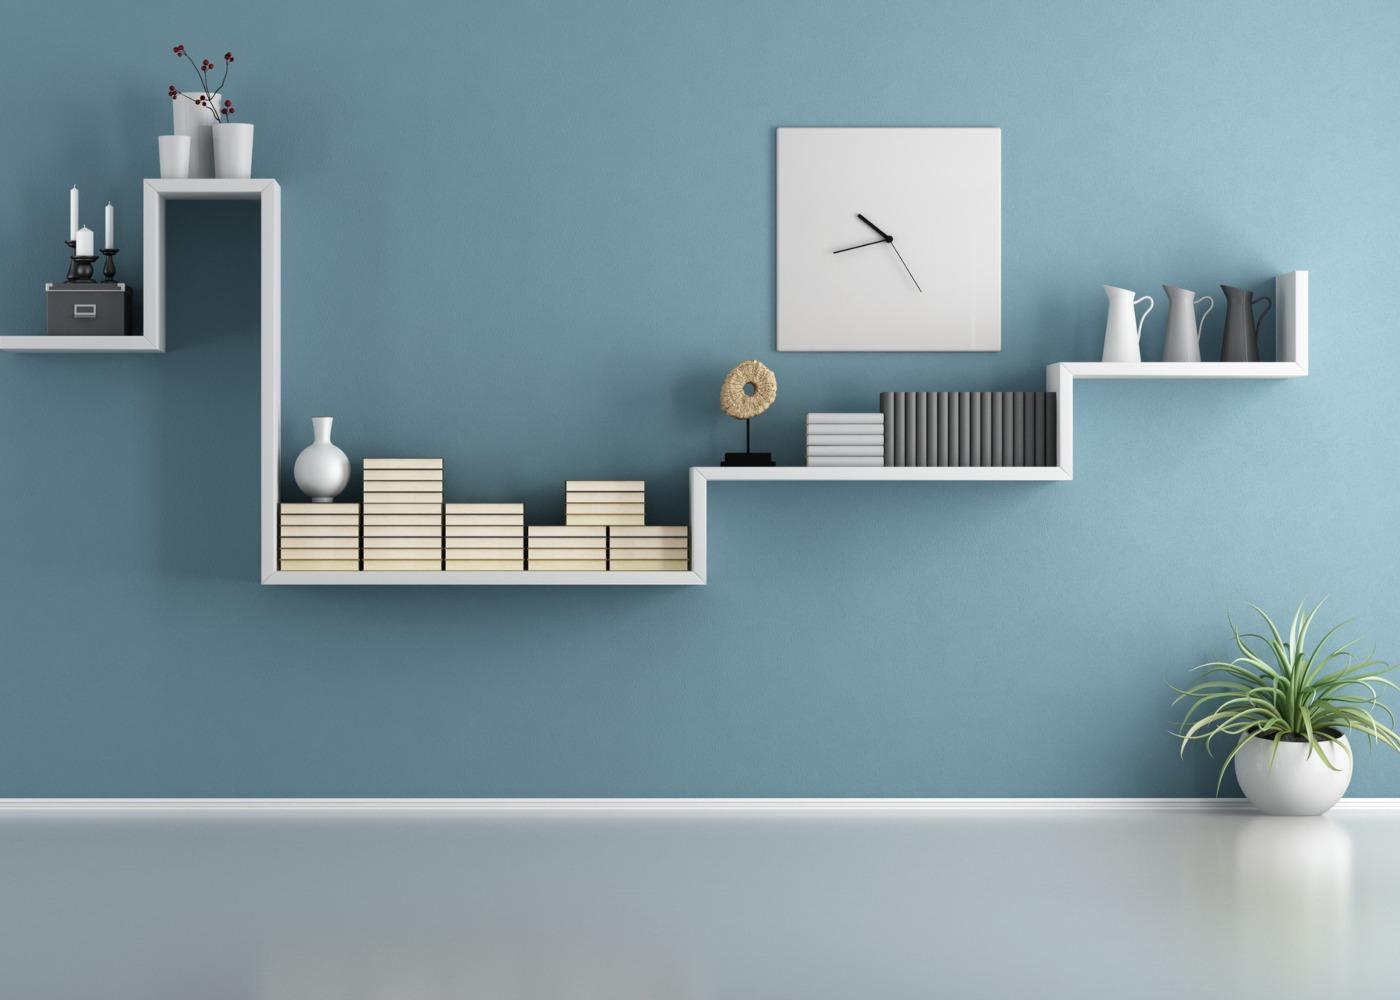 parede com estante com livros e outros objetos decorativos